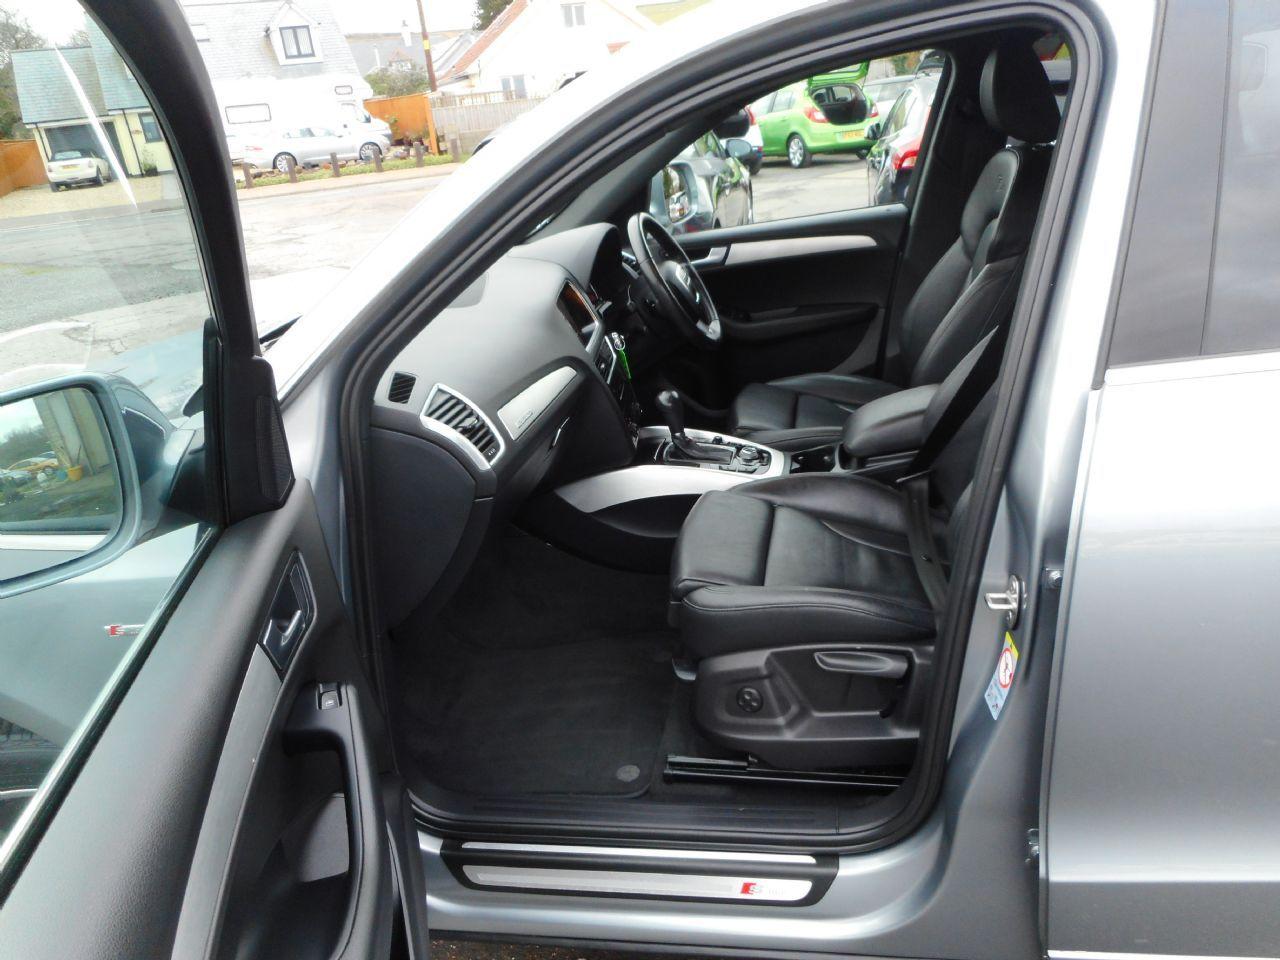 AUDI Q5 3.0 TDI quattro S line 240PS (2012) - Picture 8